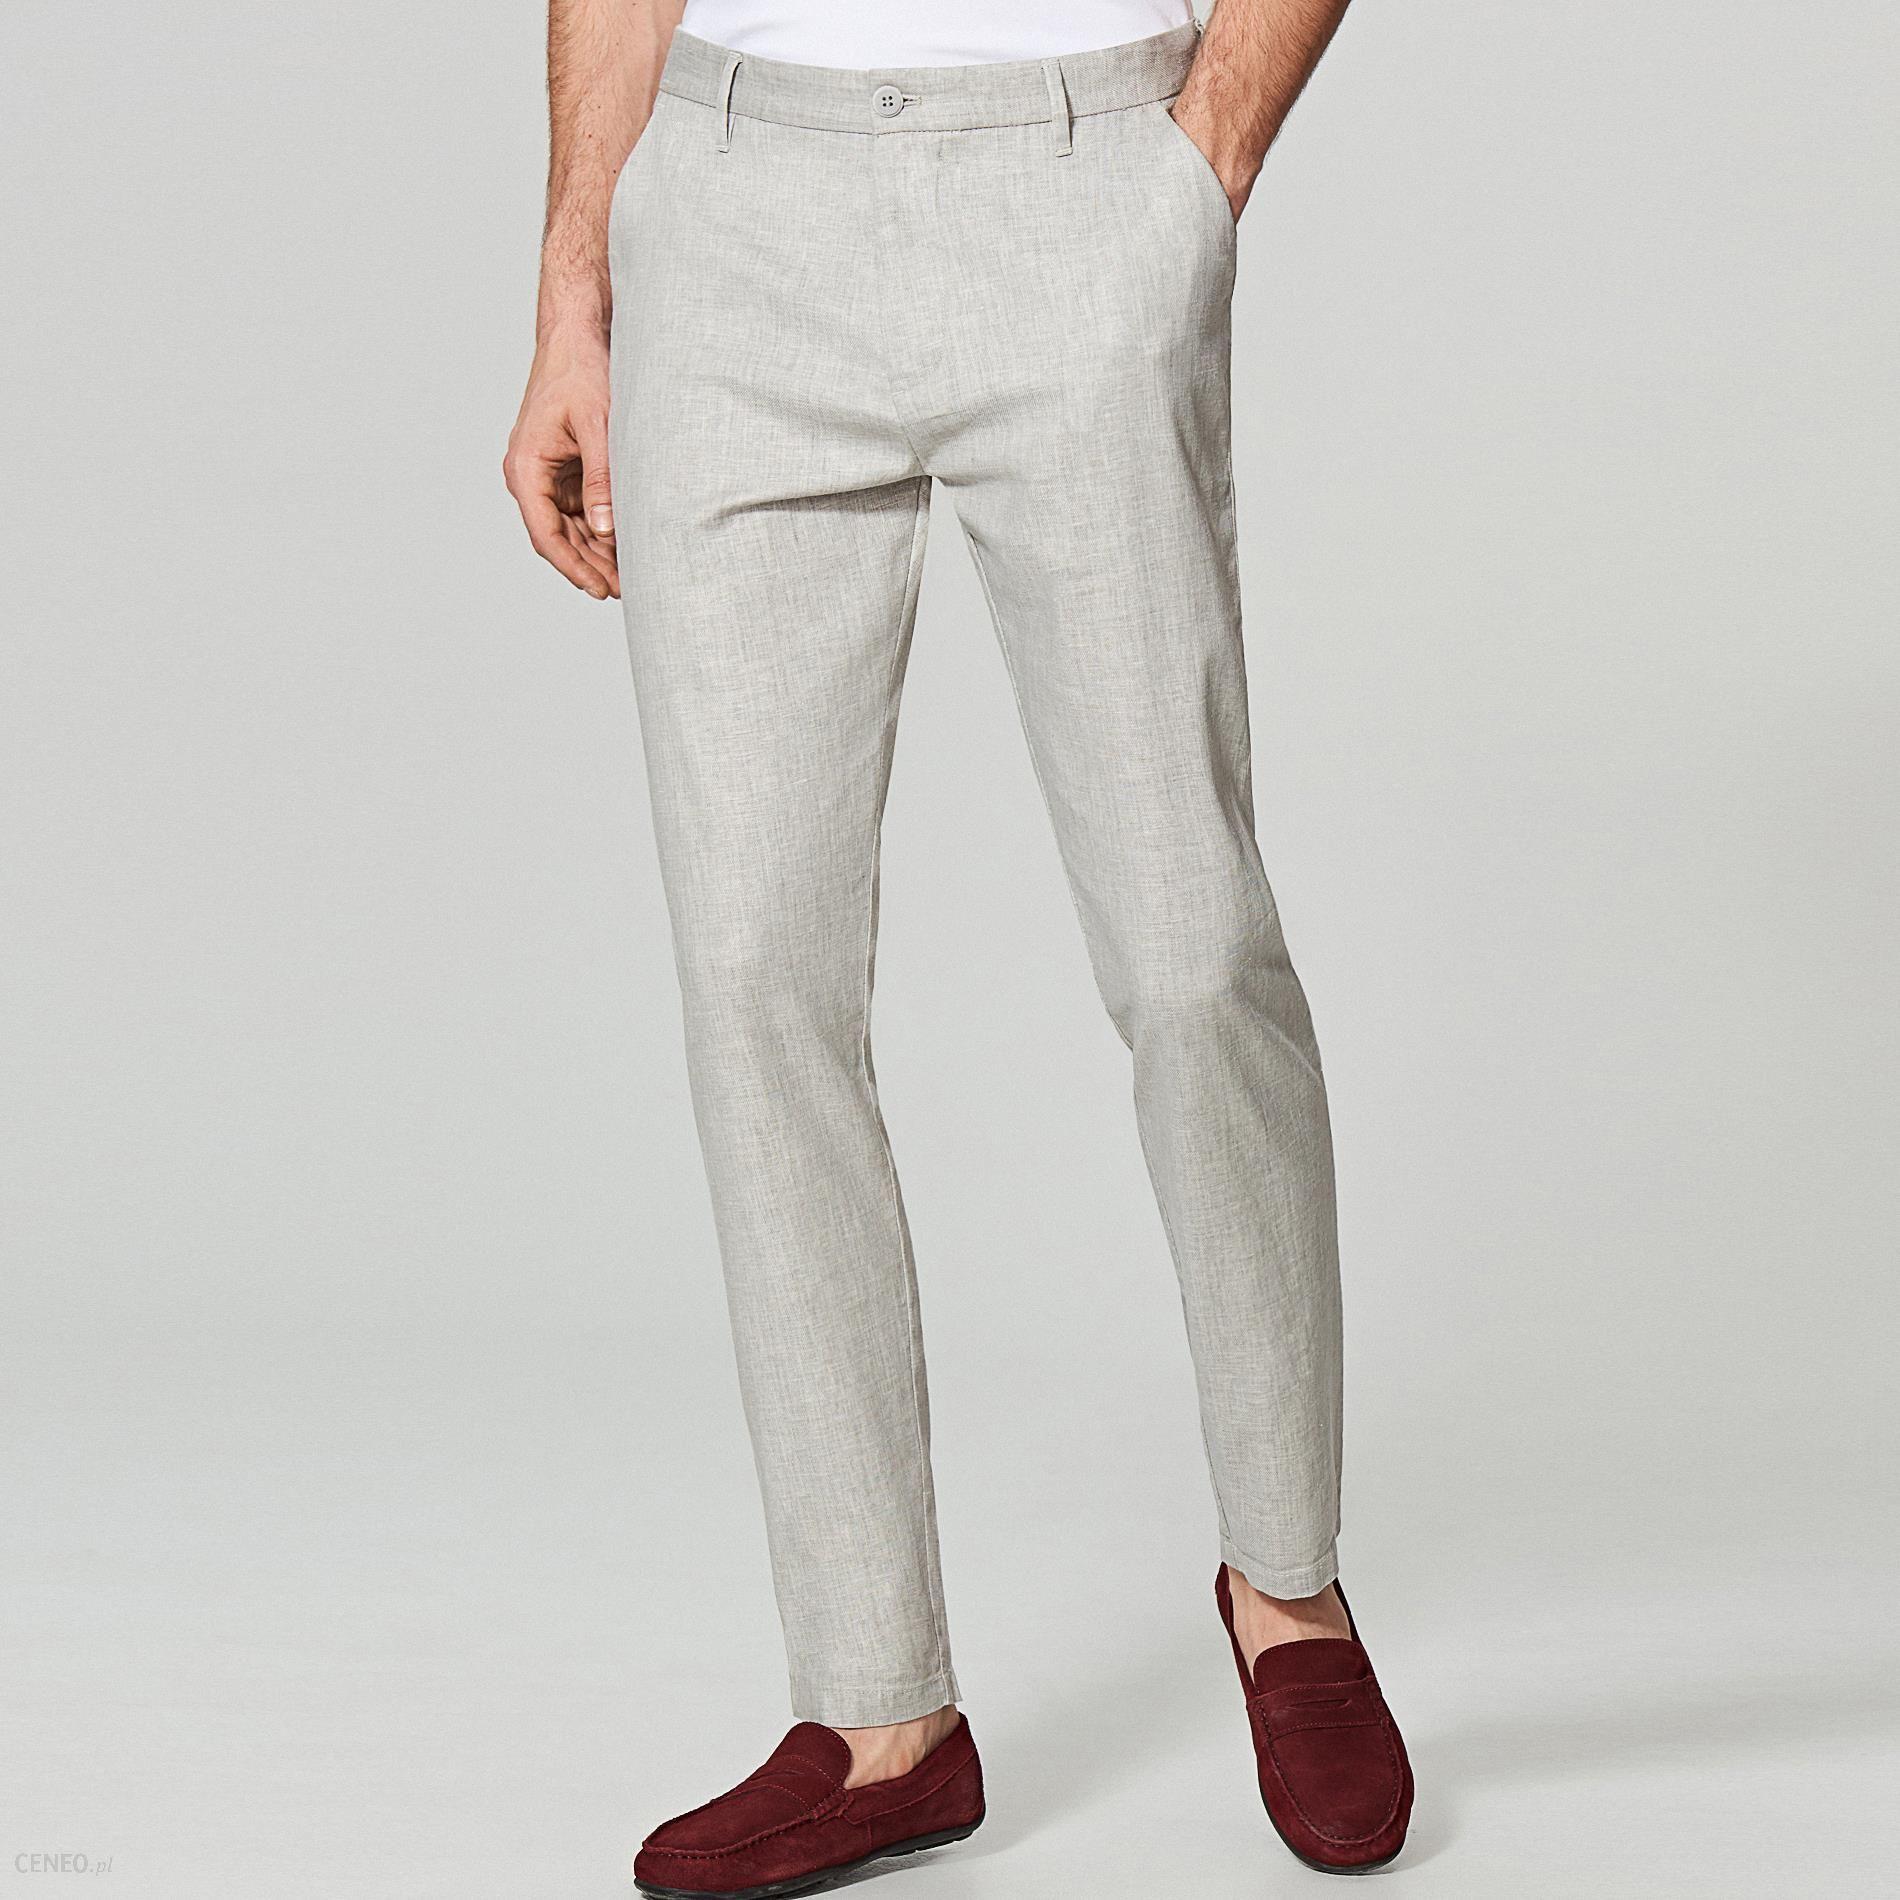 97381498cc0ec3 Reserved - Eleganckie spodnie chino slim fit - Jasny szar - Ceny i ...